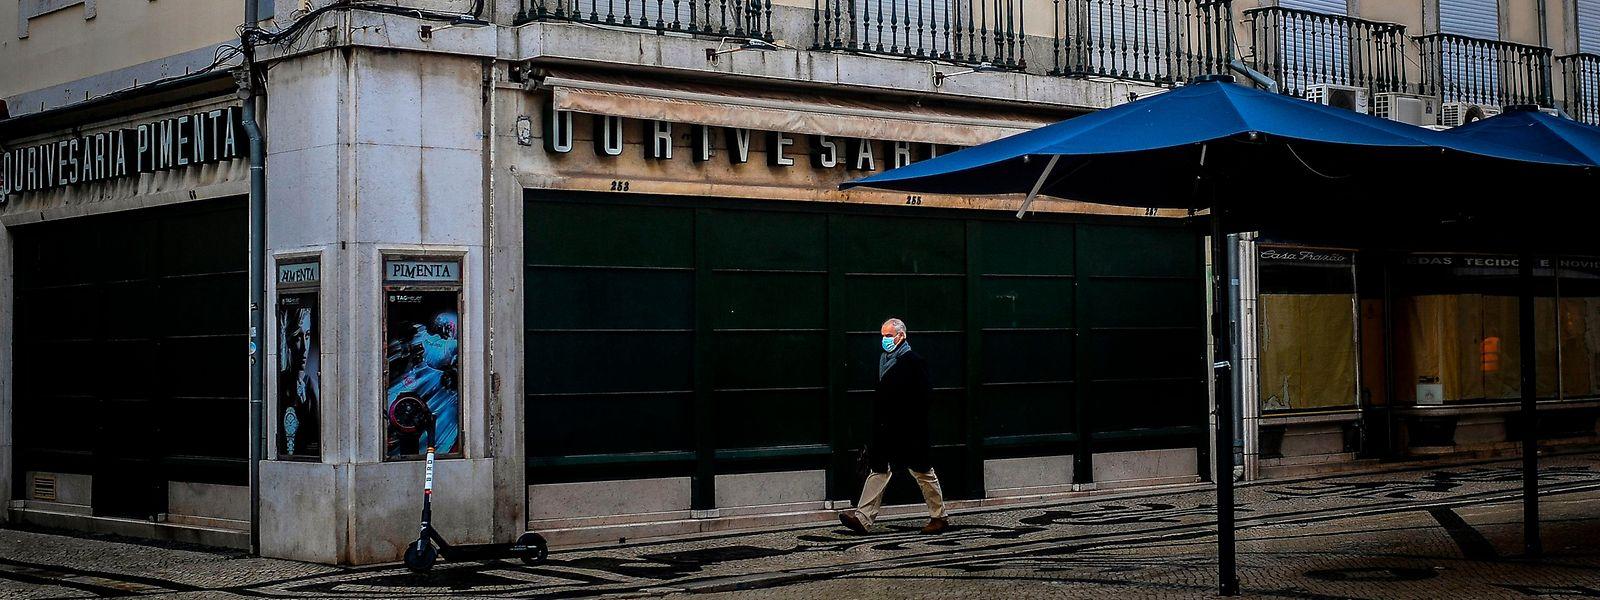 Si les rues du centre de Lisbonne sont moins fréquentées que d'ordinaire, de nombreux habitants sont toutefois sortis de chez eux en ce premier jour de confinement.